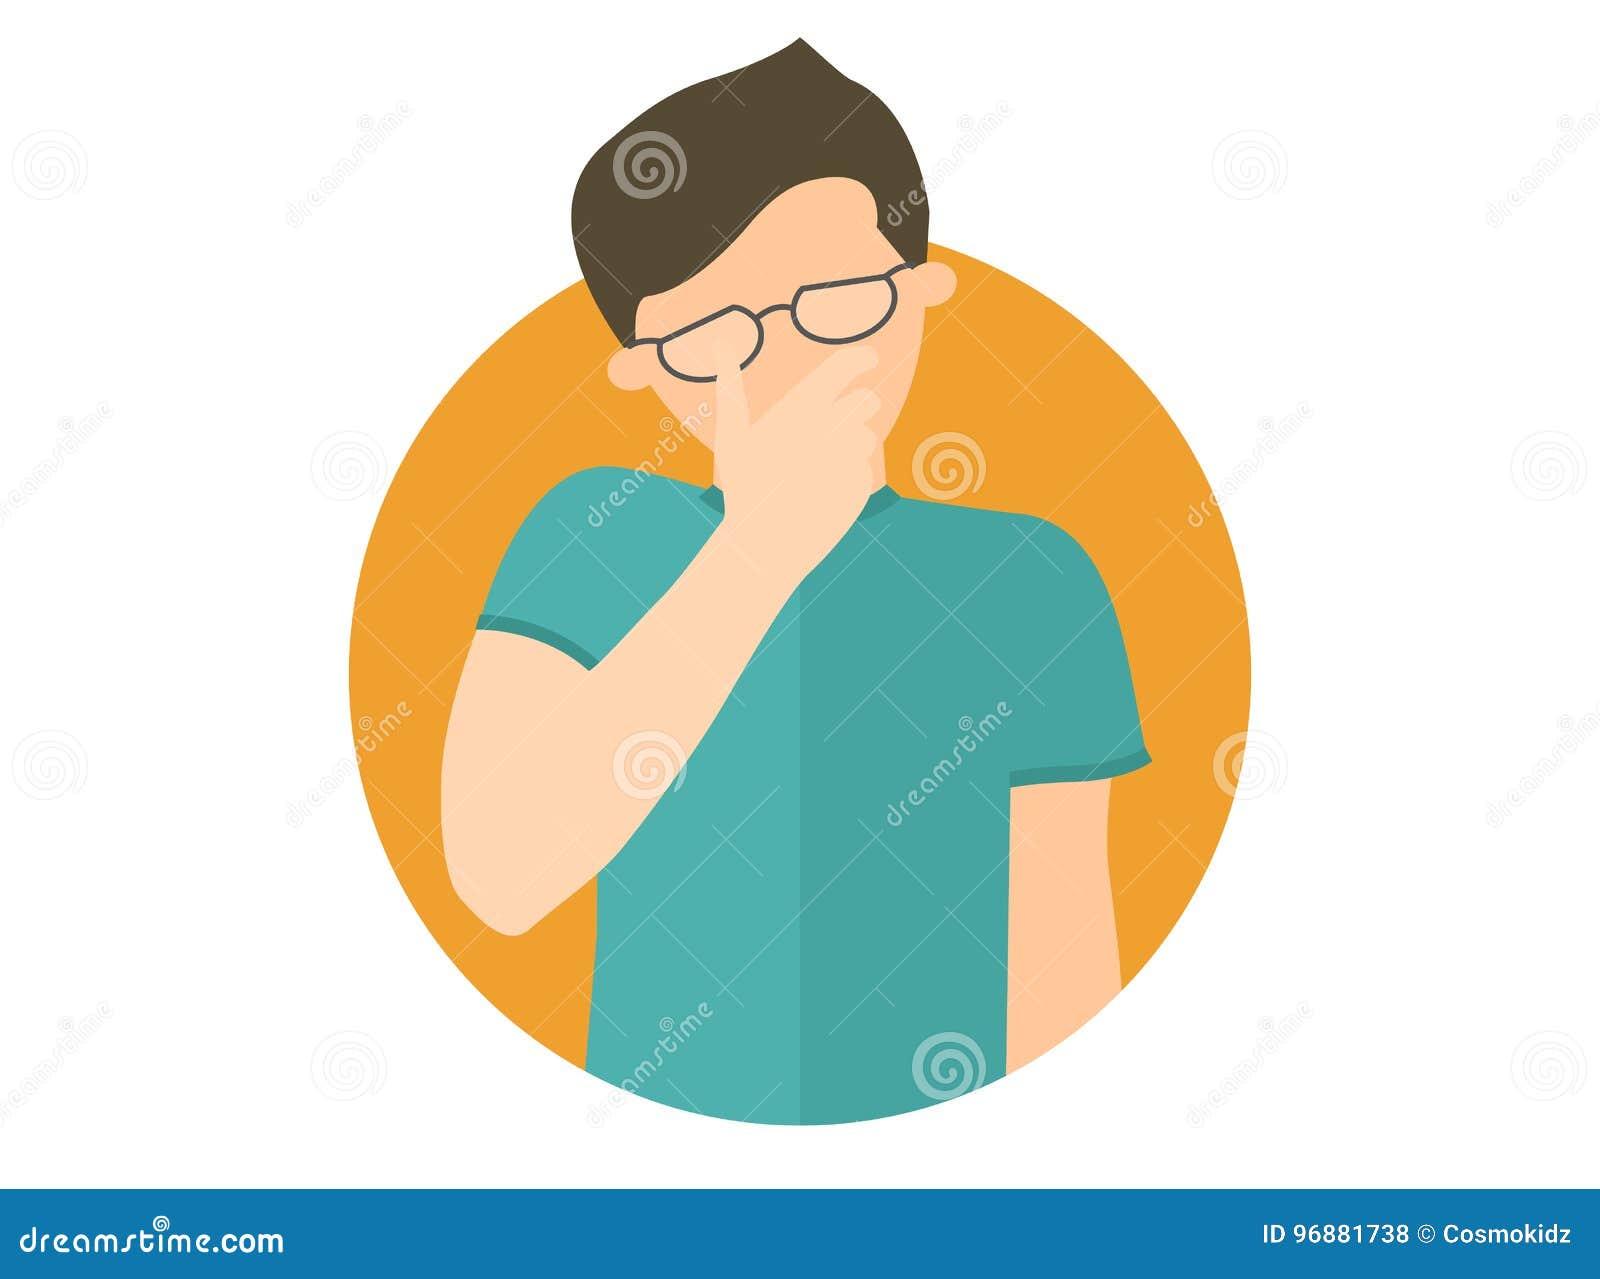 Λυπημένο, φωνάζοντας, πιεσμένο αγόρι στα γυαλιά Επίπεδο εικονίδιο σχεδίου Όμορφο άτομο στη θλίψη, θλίψη, πρόβλημα Απλά editable π